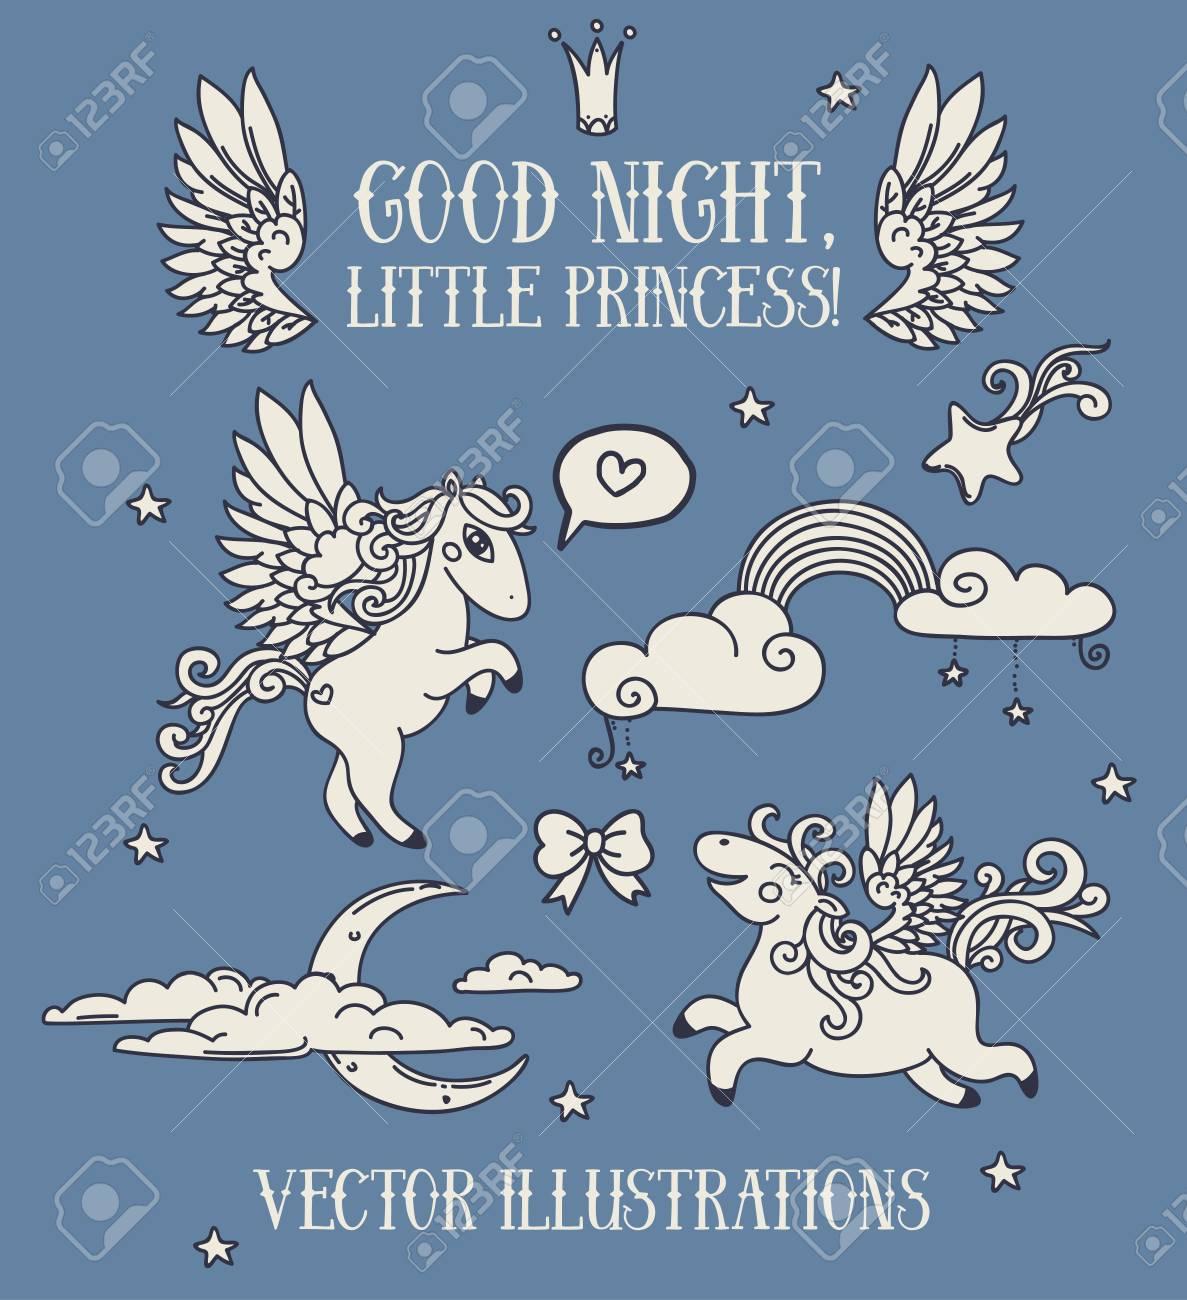 Bonne Nuit Petite Princesse Jeu Dicônes Pegasus De Dessin Animé Mignon Et Nuages Collection Illustrative De Vecteur